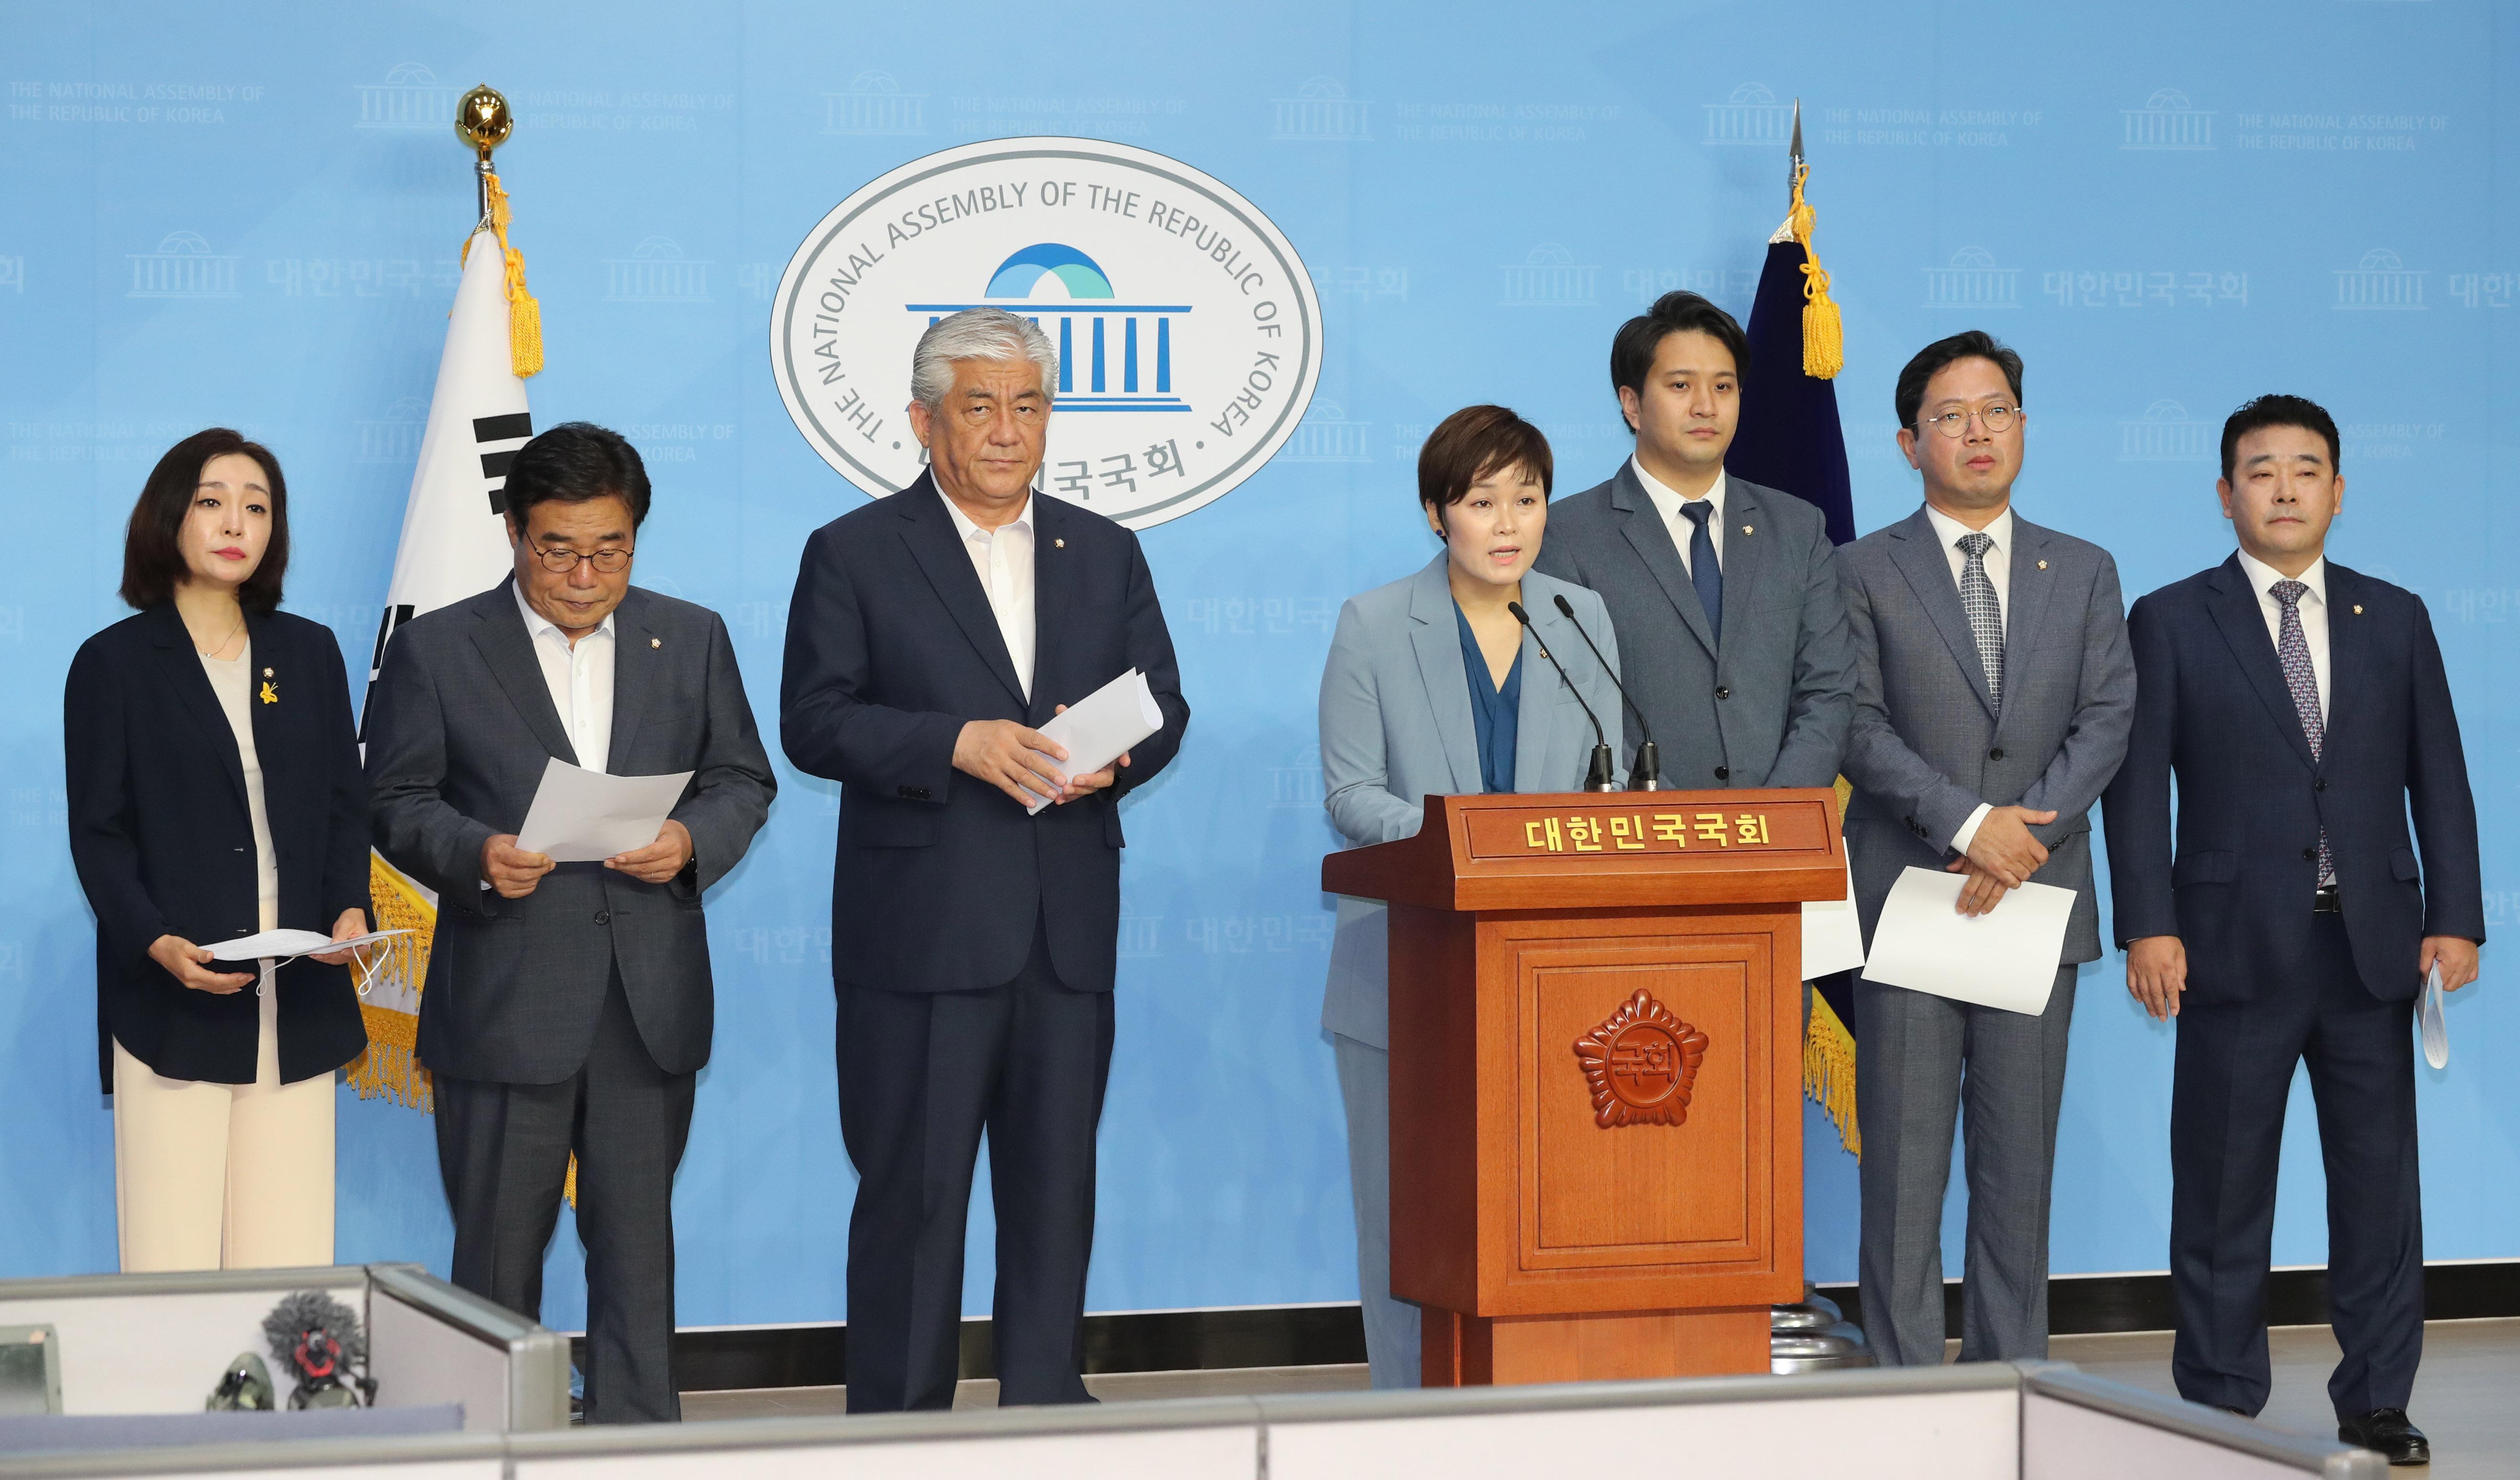 고 최숙현 선수 사망 사건 관련 기자회견 하는 민주당